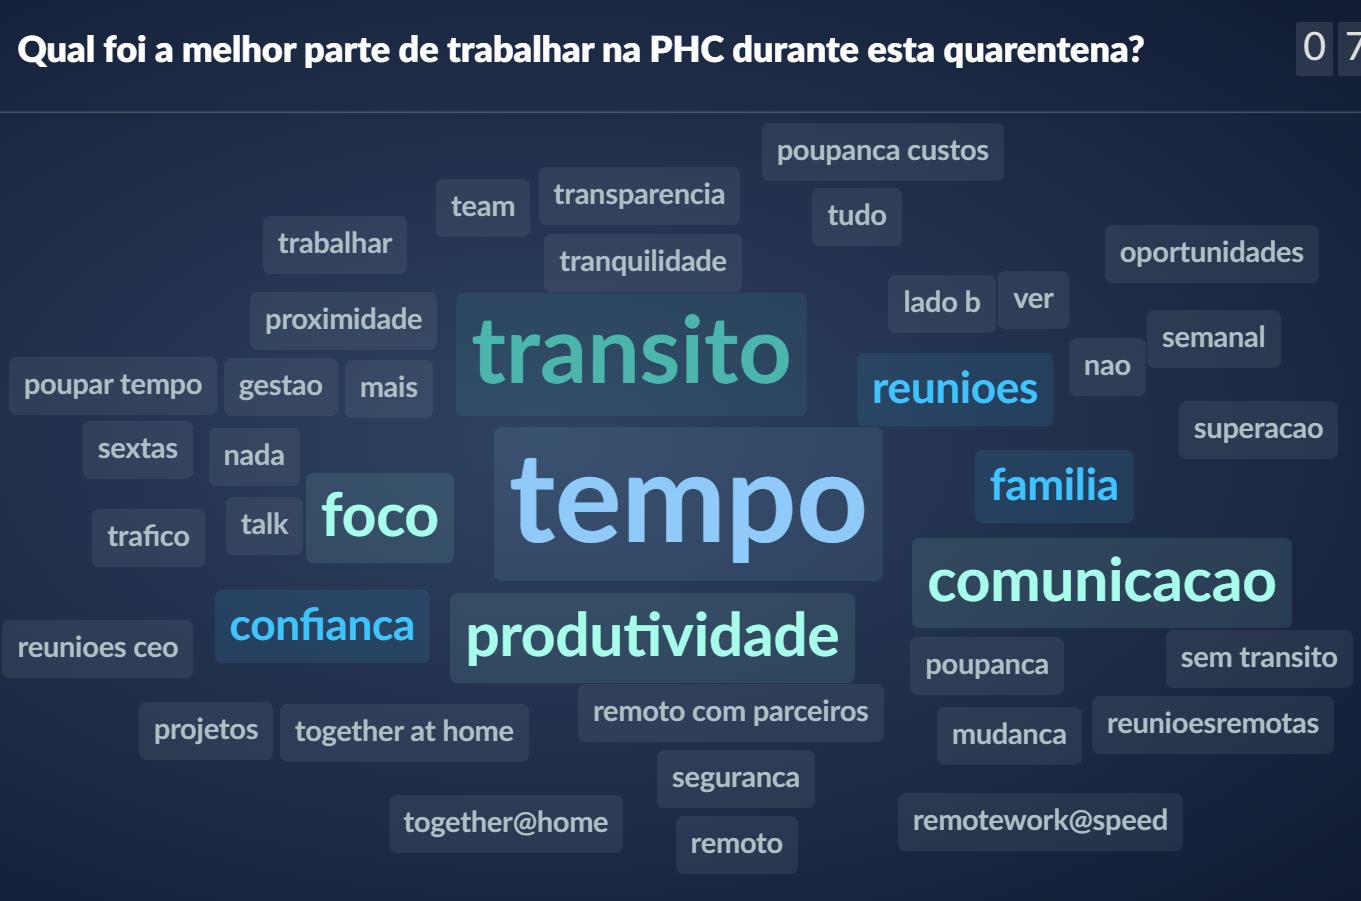 Núvem de palavras wordcloud que reflete os melhores momentos dos colaboradores da PHC durante a quarentena